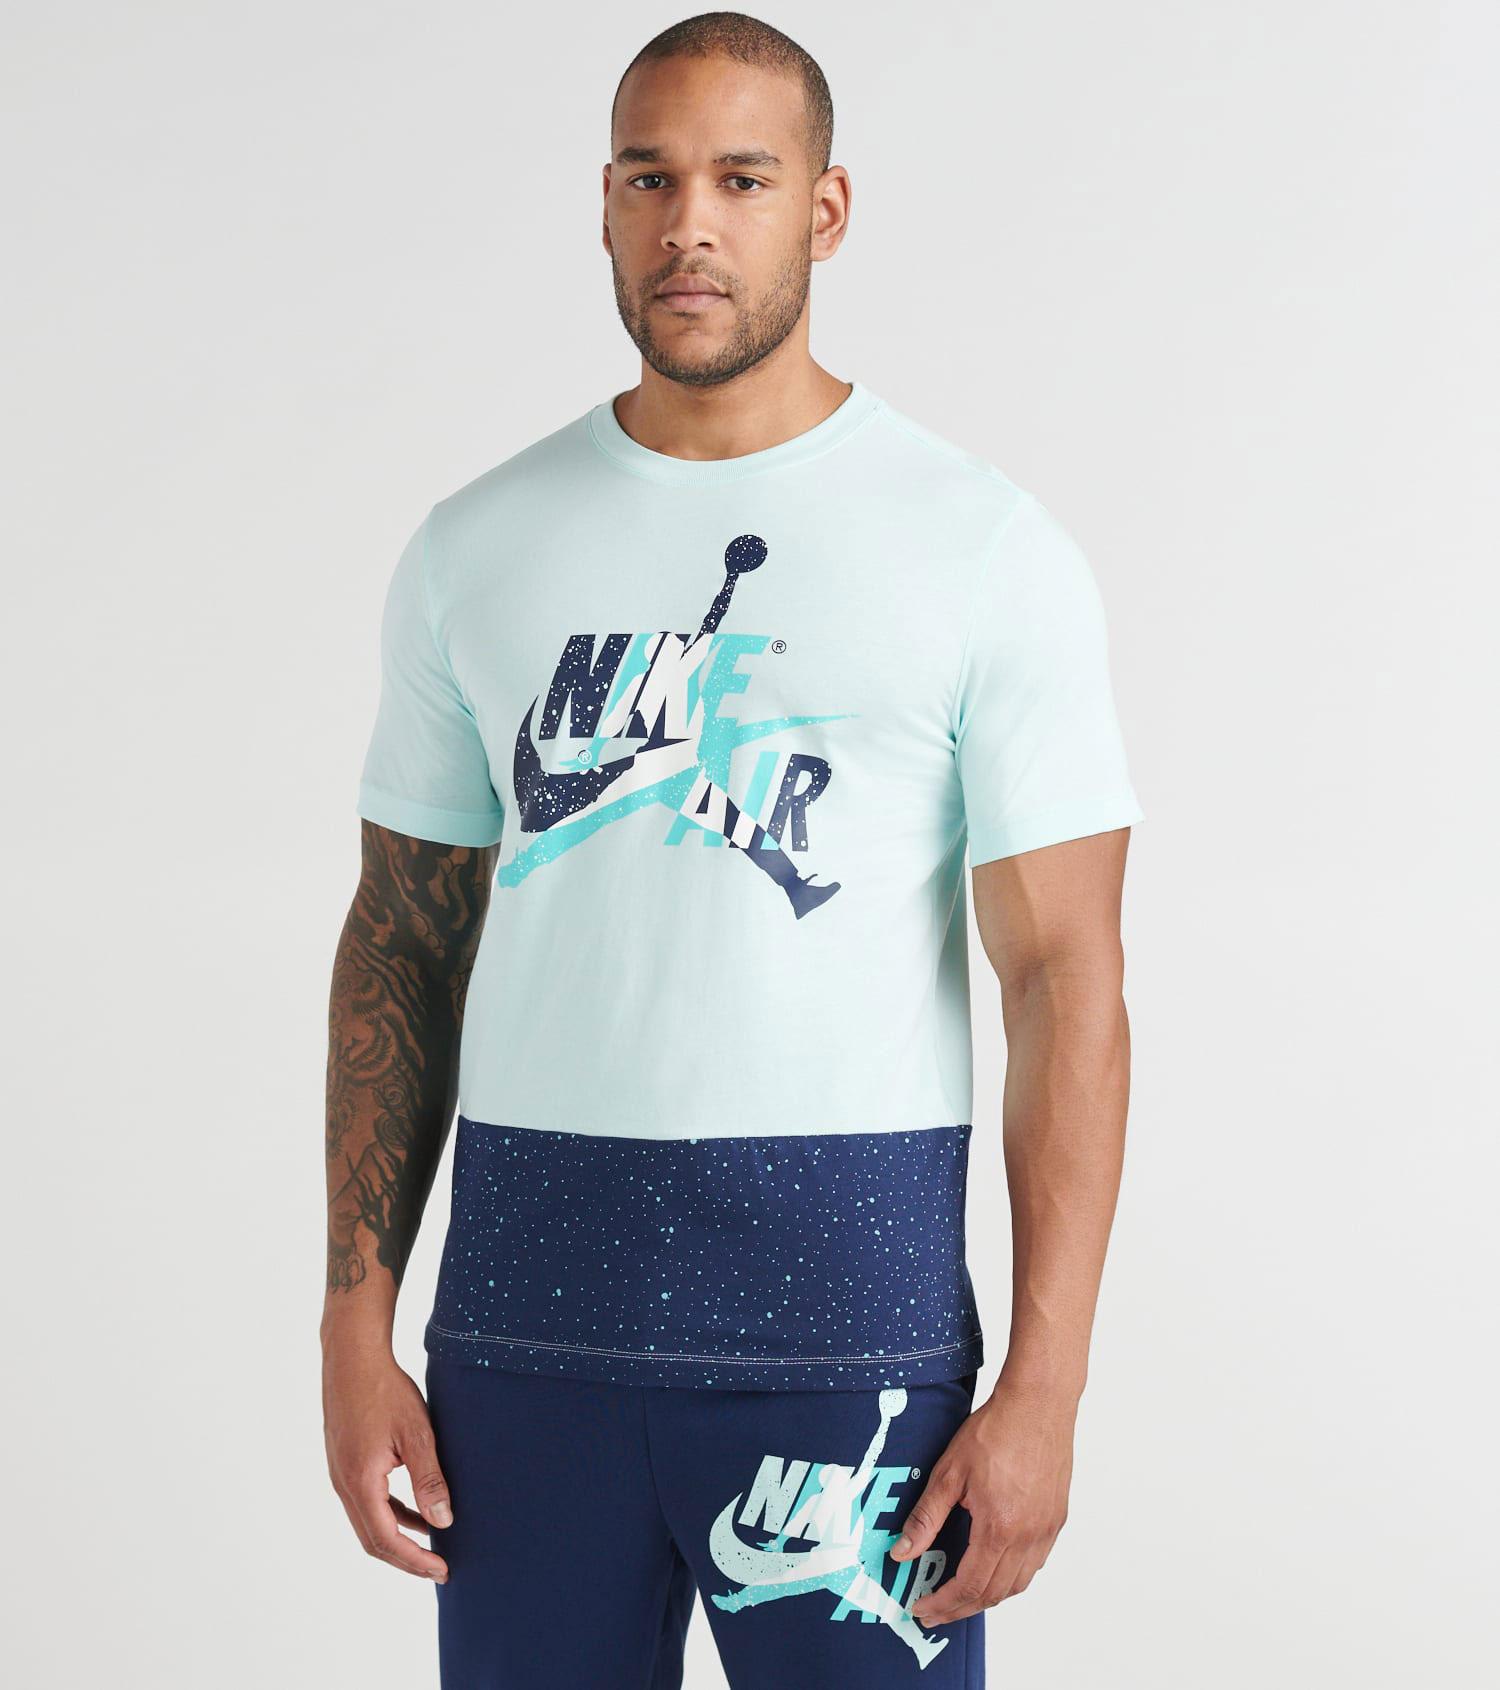 air-jordan-5-oil-grey-matching-tee-shirt